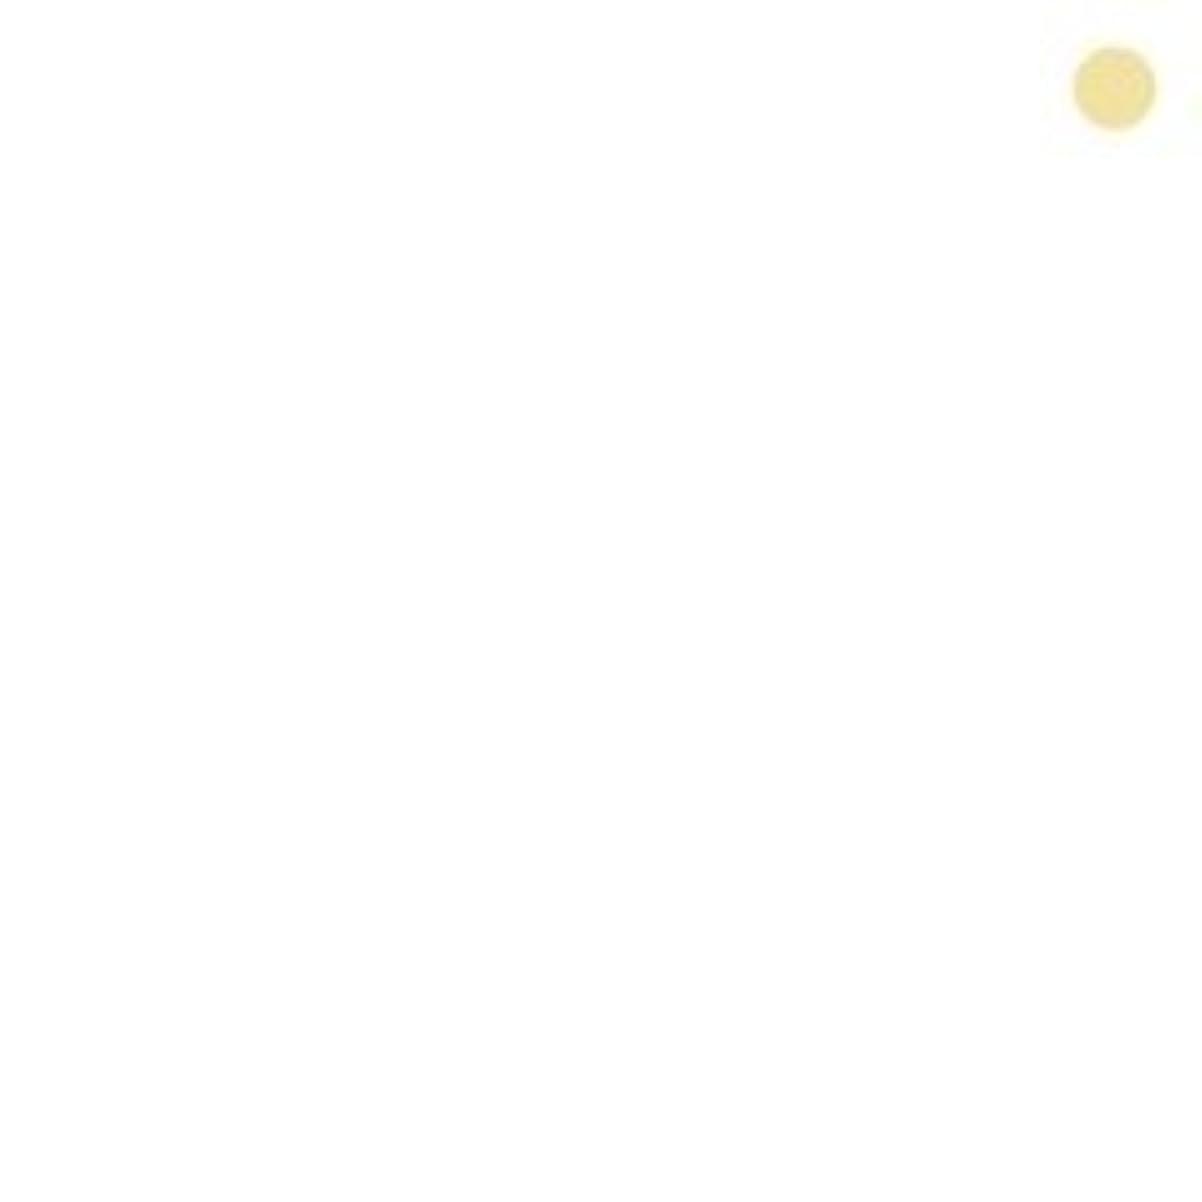 逆説インスタントフォーム【カバーマーク】ジャスミーカラー パウダリーファンデーション #YN10 (レフィル)